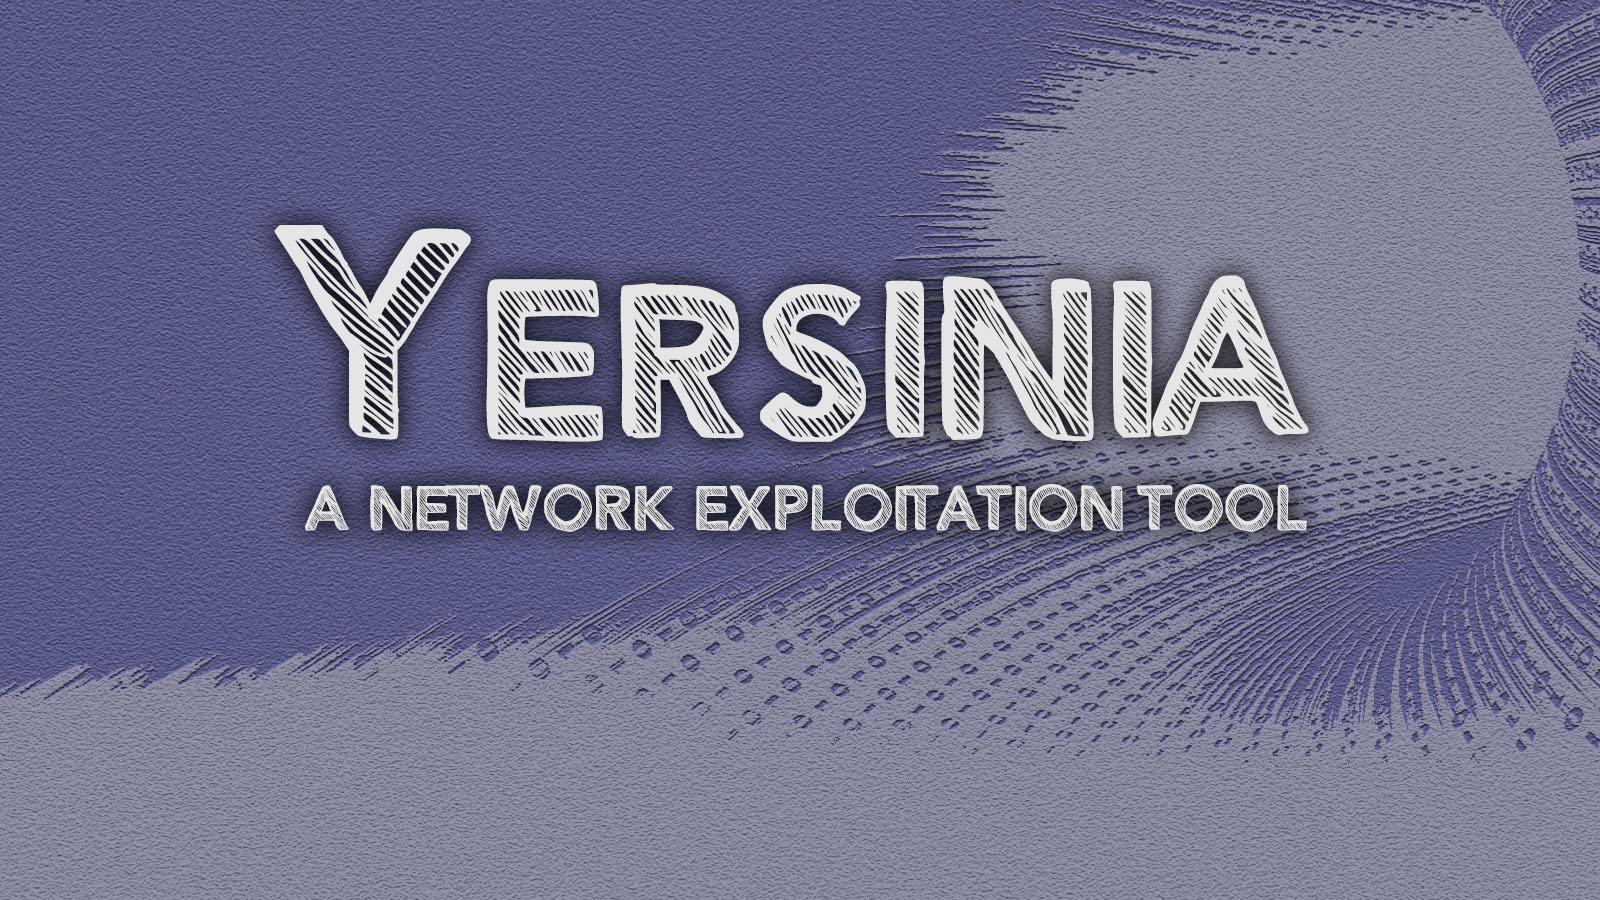 Yersinia - A Network Exploitation Tool